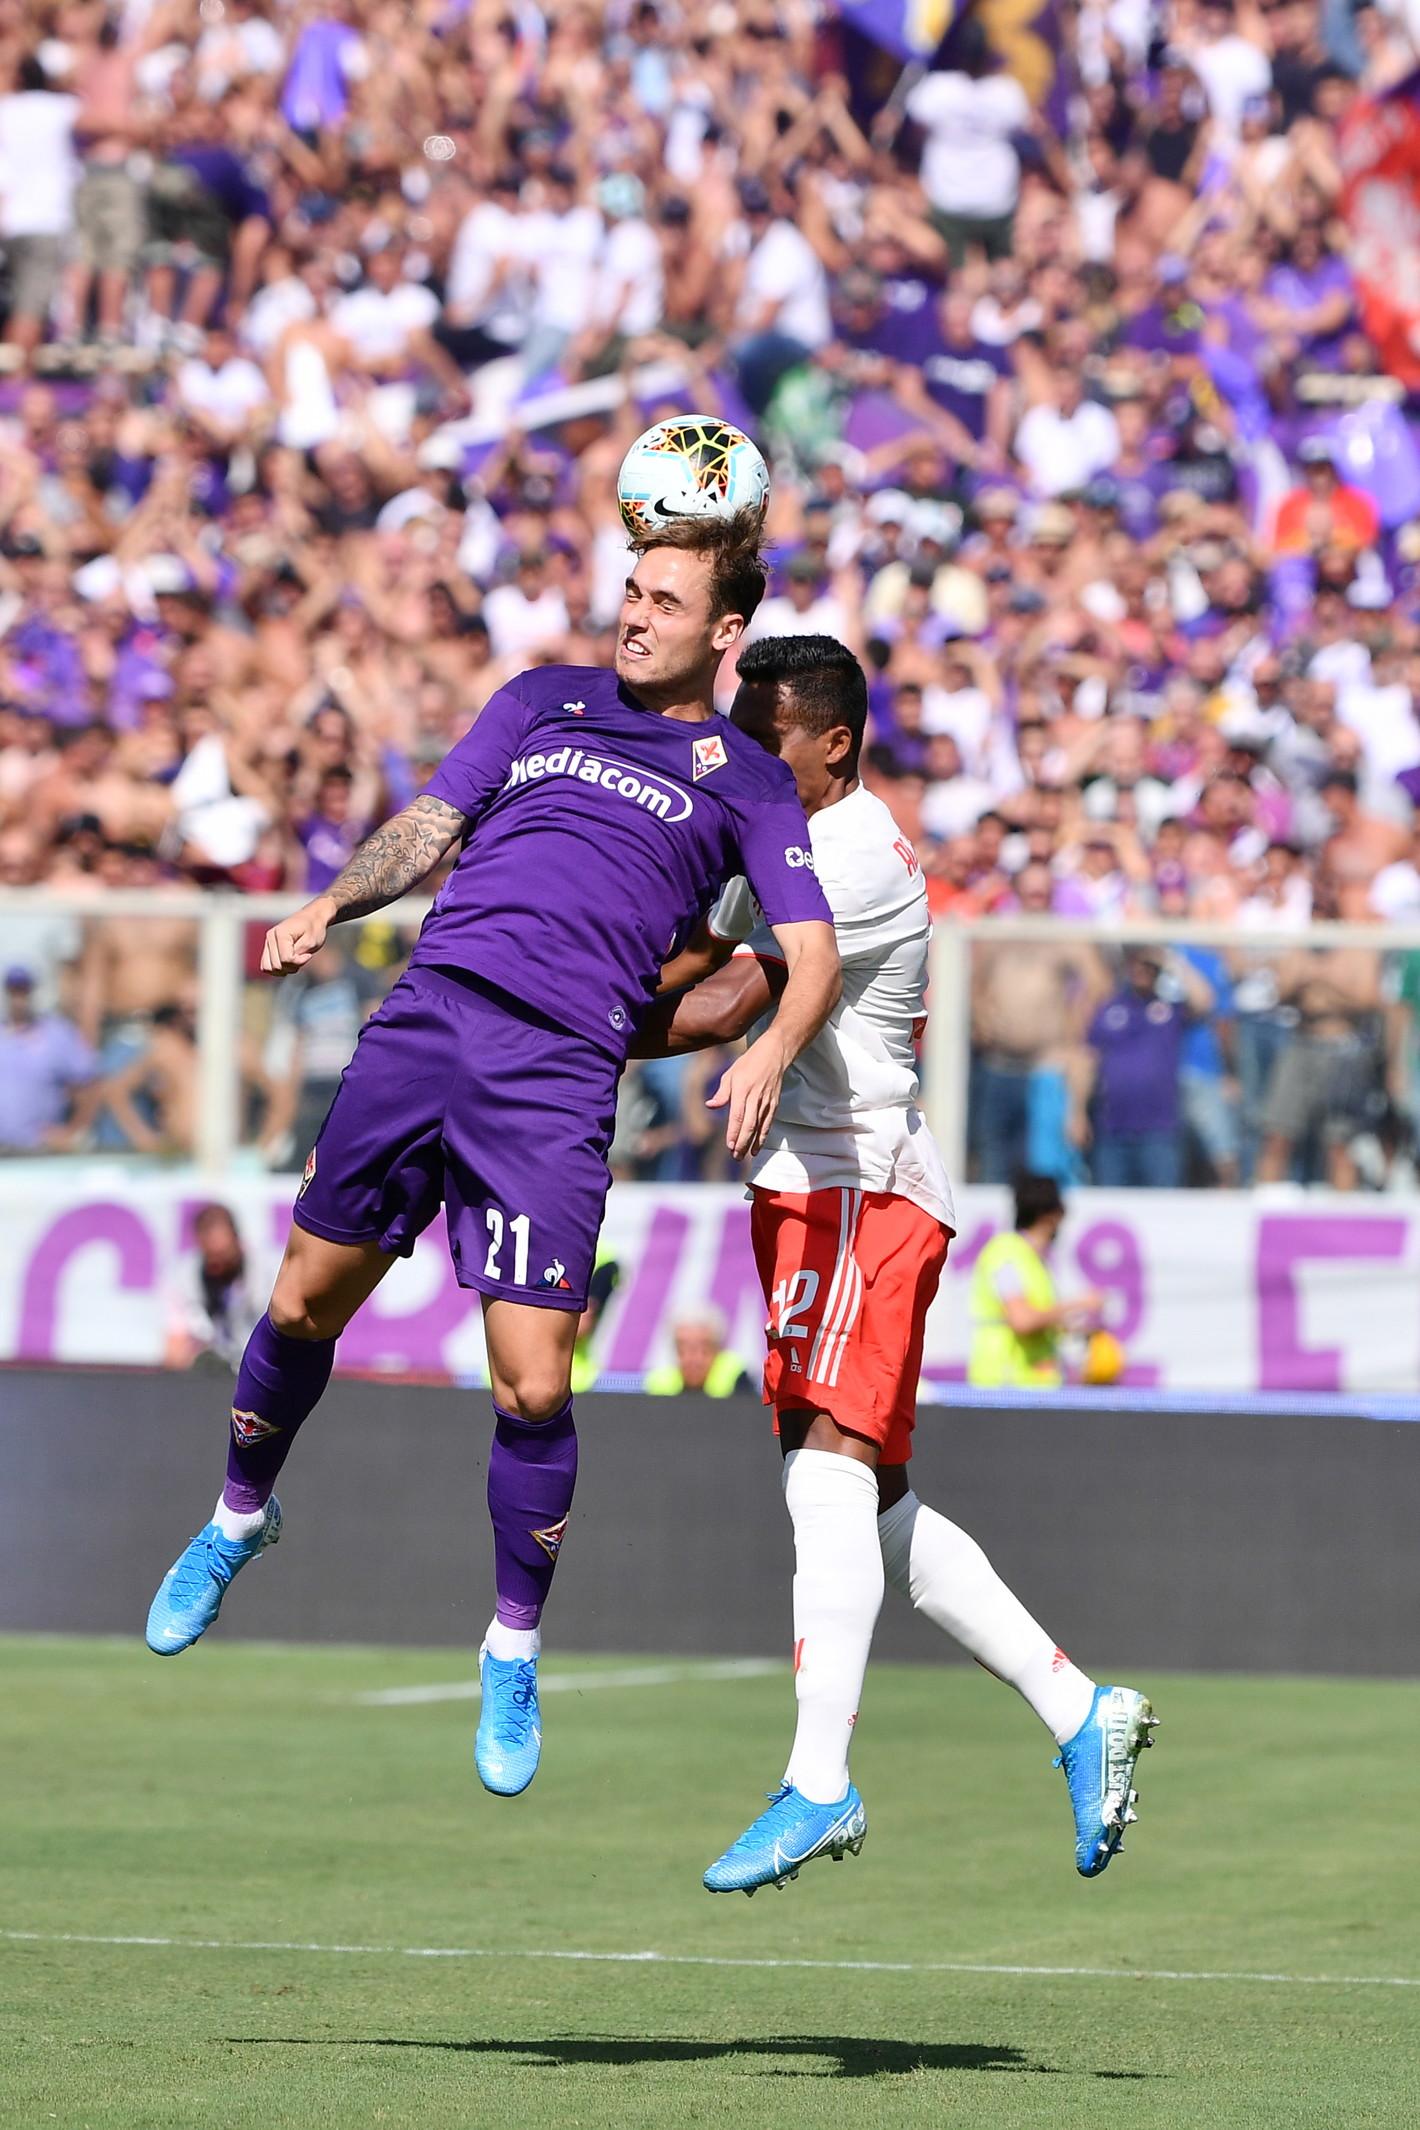 Le migliori immagini dalla sfida del Franchi per la 3a giornata di Serie A